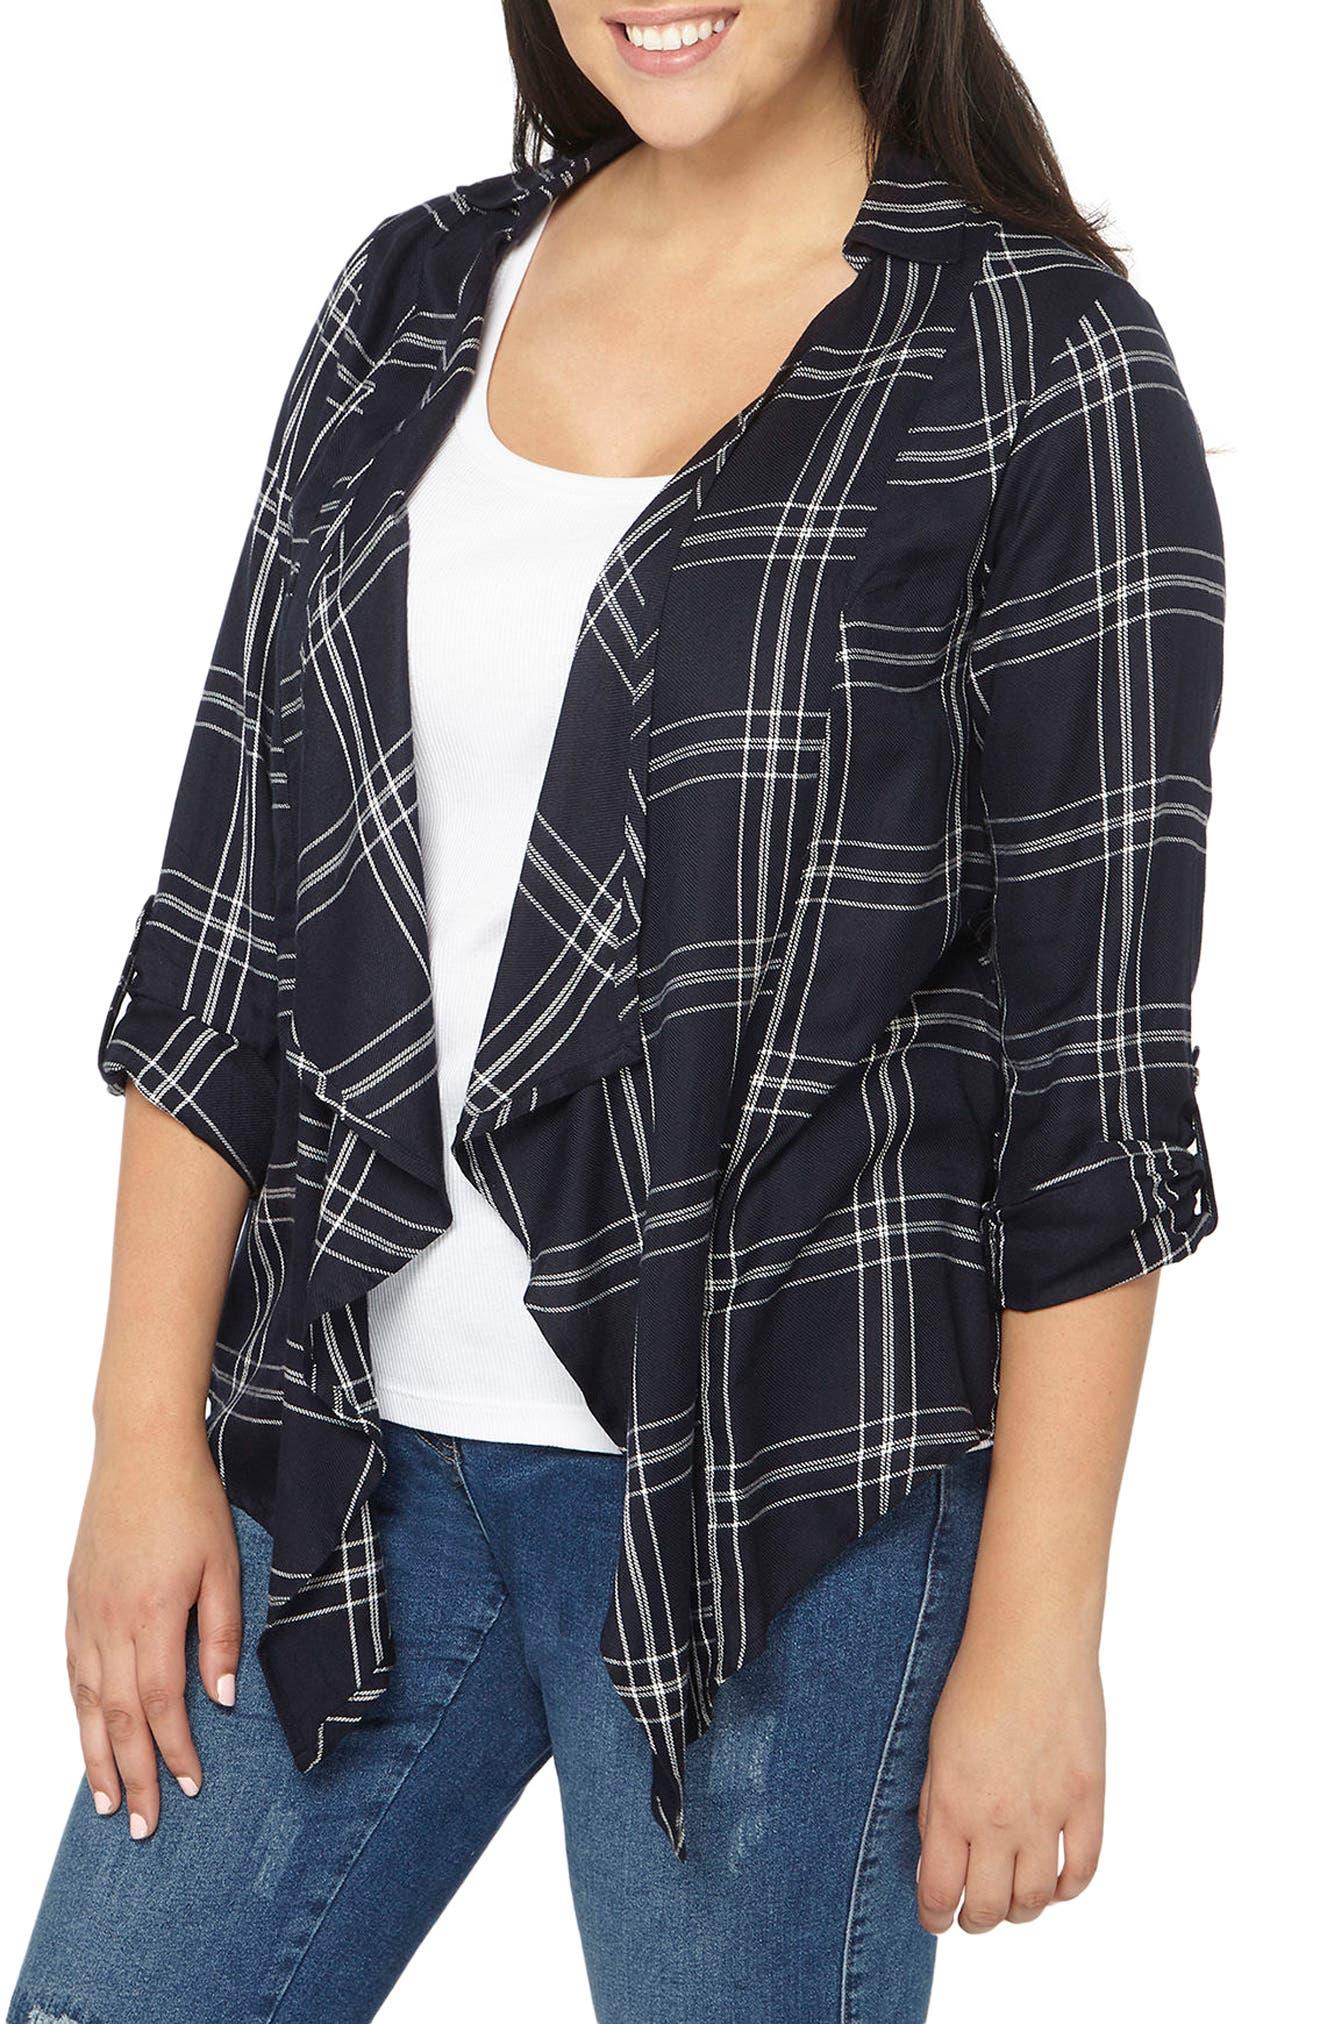 Main Image - Evans Check Plaid Jacket (Plus Size)